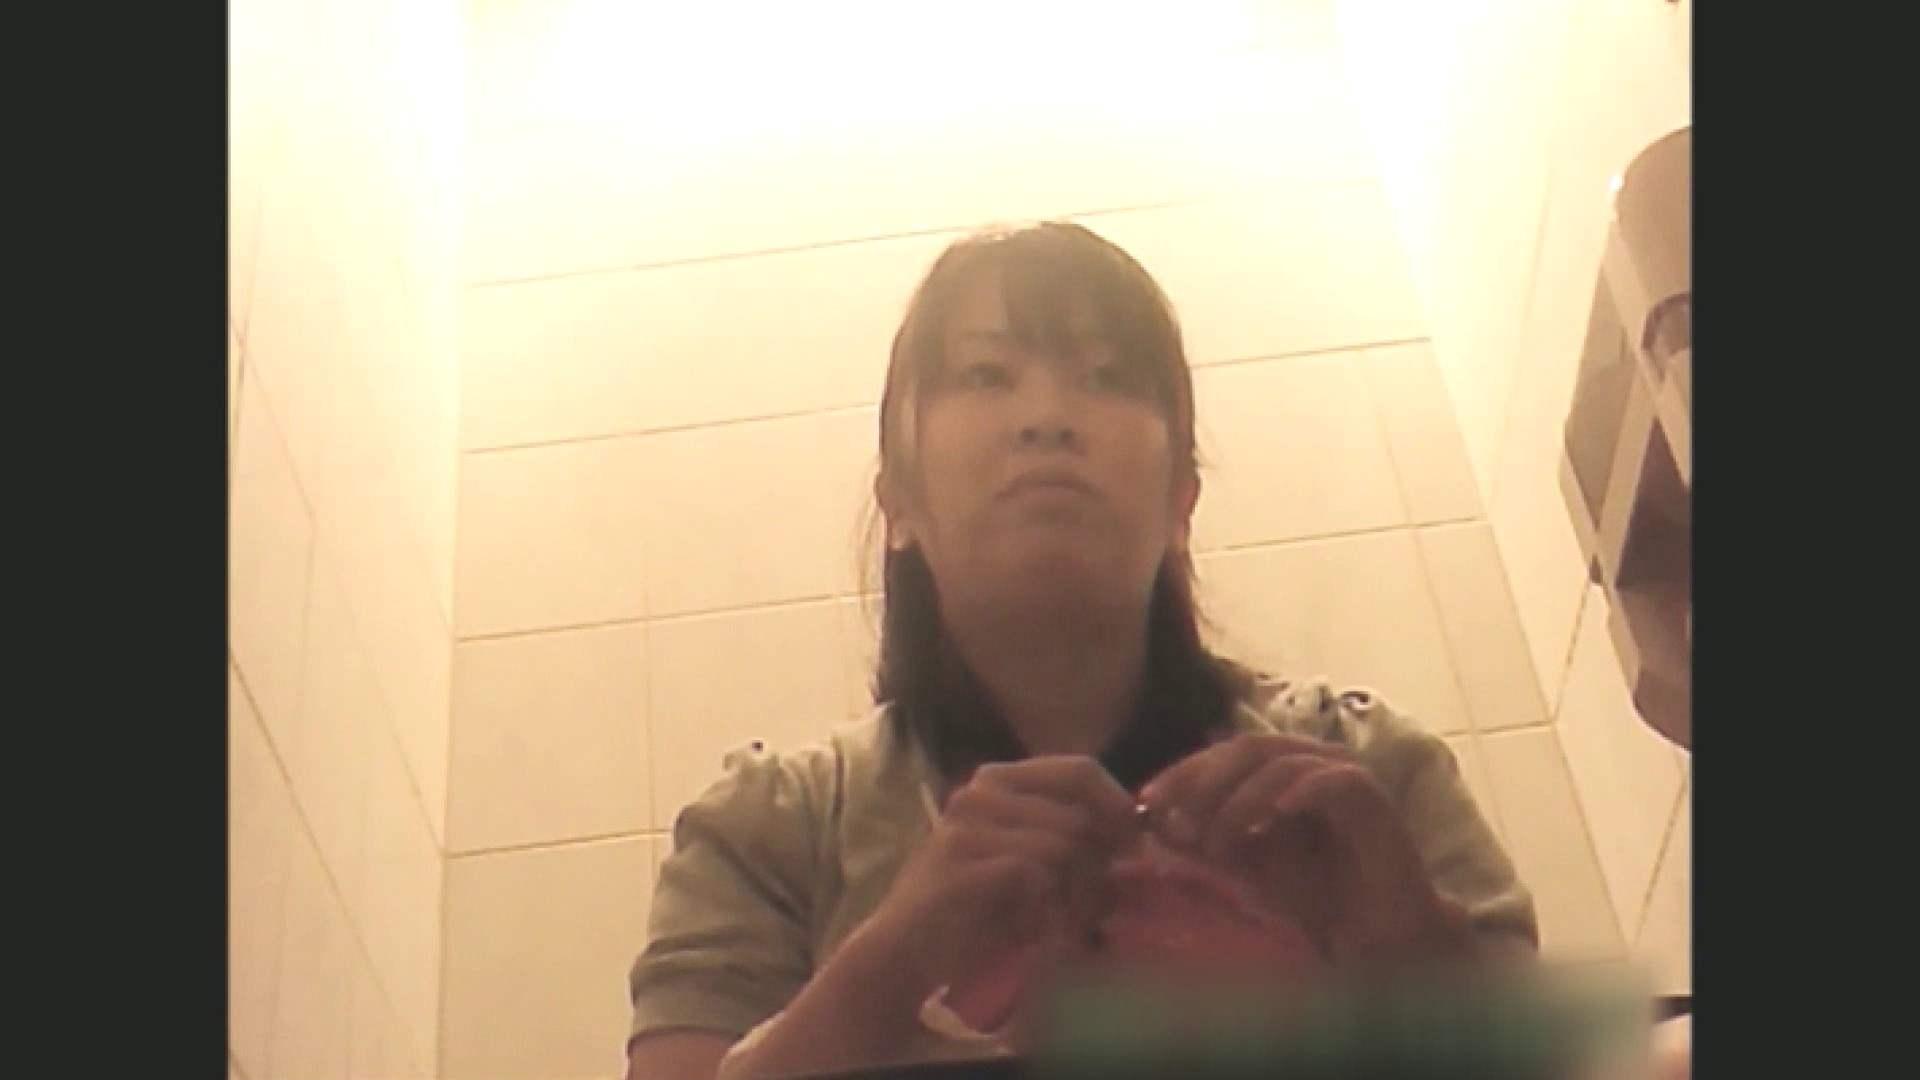 実録!!綺麗なお姉さんのトイレ事情・・・。vol.1 OL  28連発 14